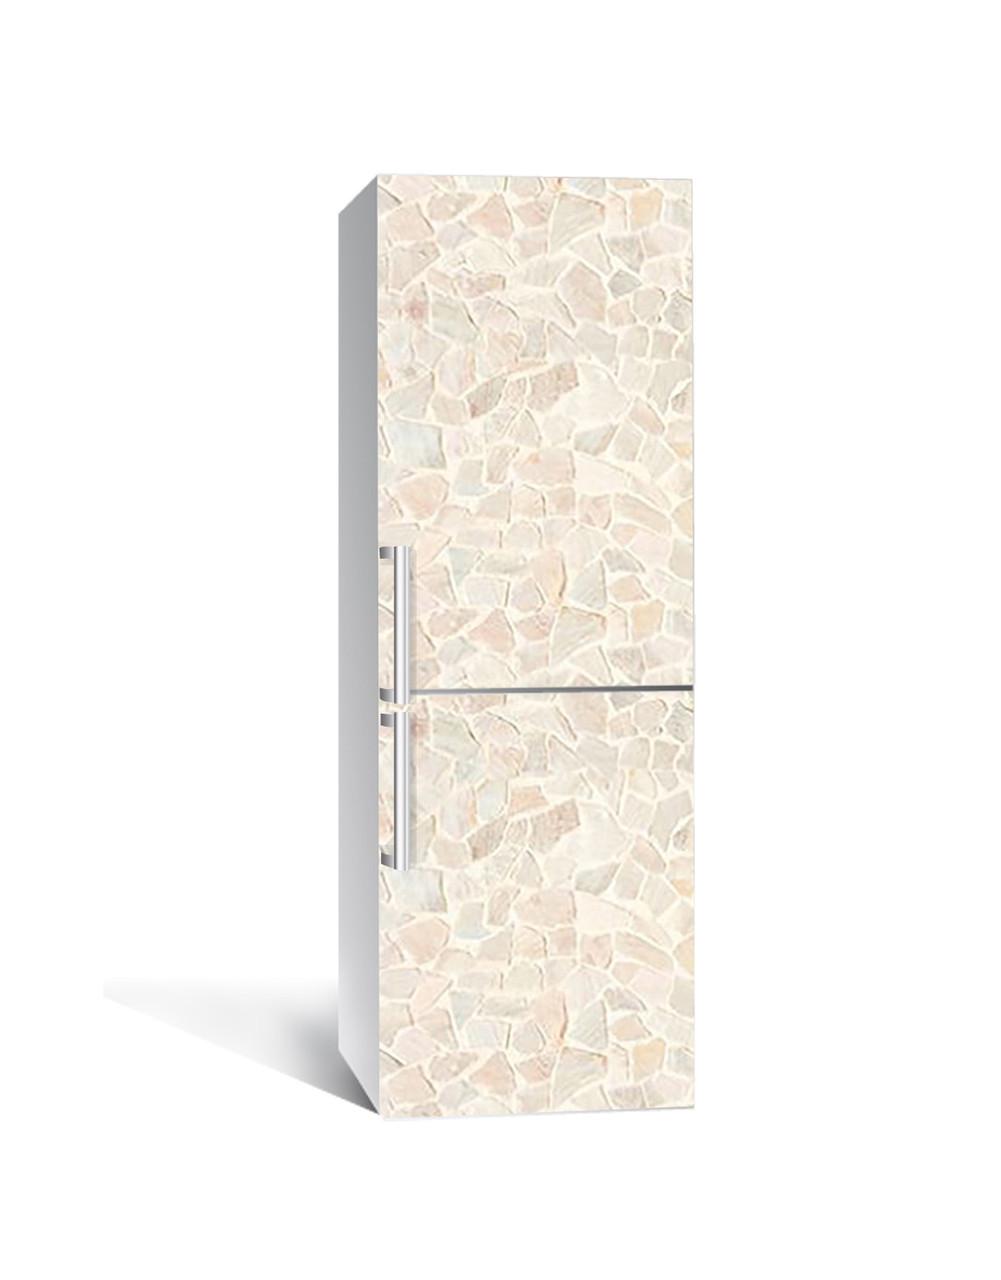 Вінілова наклейка на холодильник 3Д Мозаїка Пісковик Камінь (плівка ПВХ фотодрук) 65*200см Текстура Бежевий